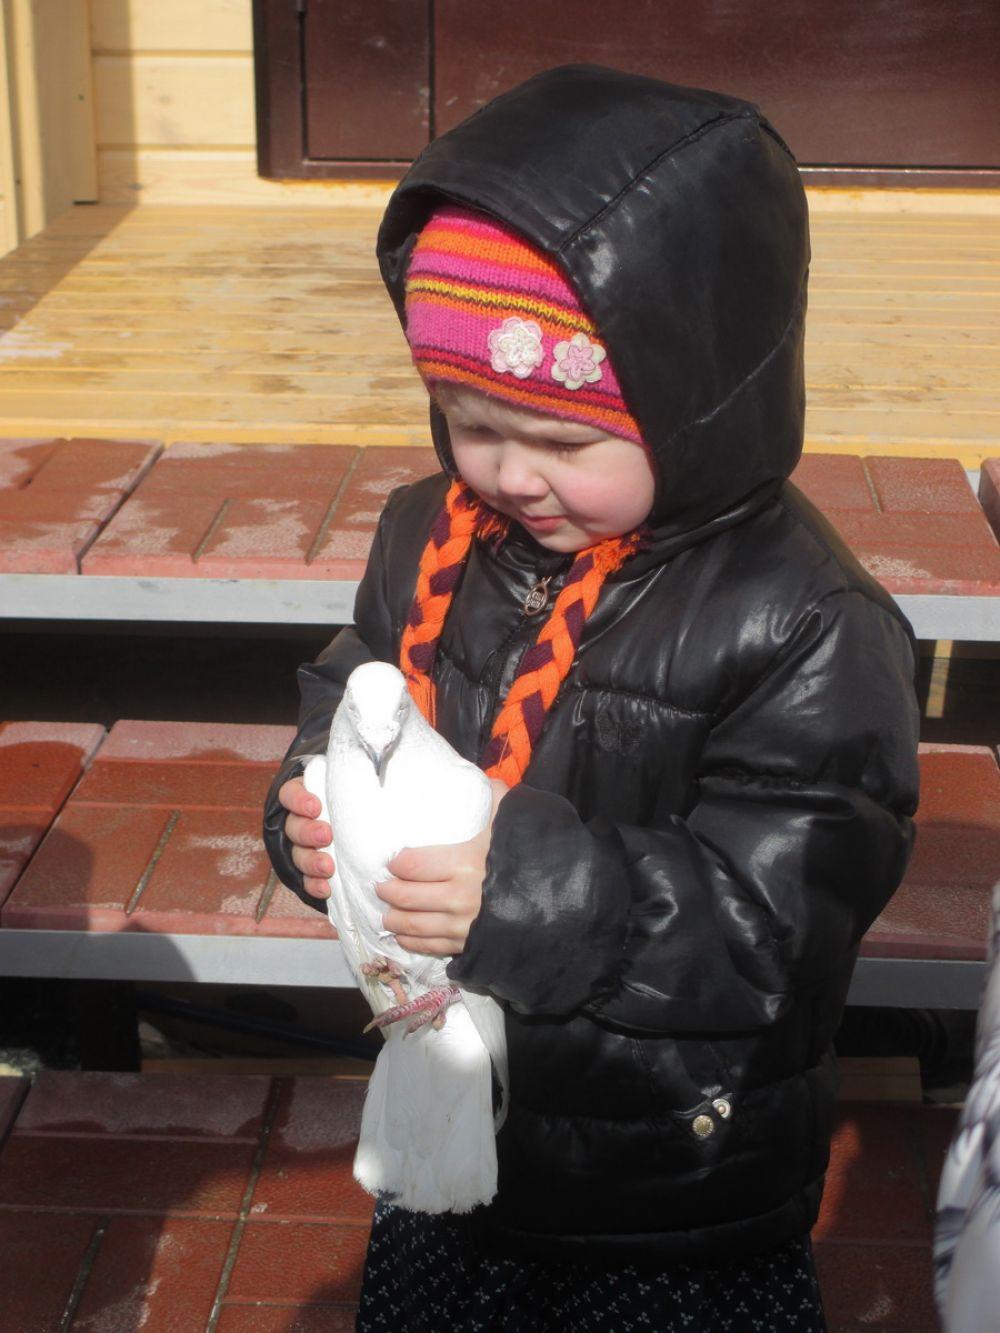 В празднике приняли участие и юные прихожане храма. Современным ребятишкам редко предоставляется возможность подержать в руках птицу.